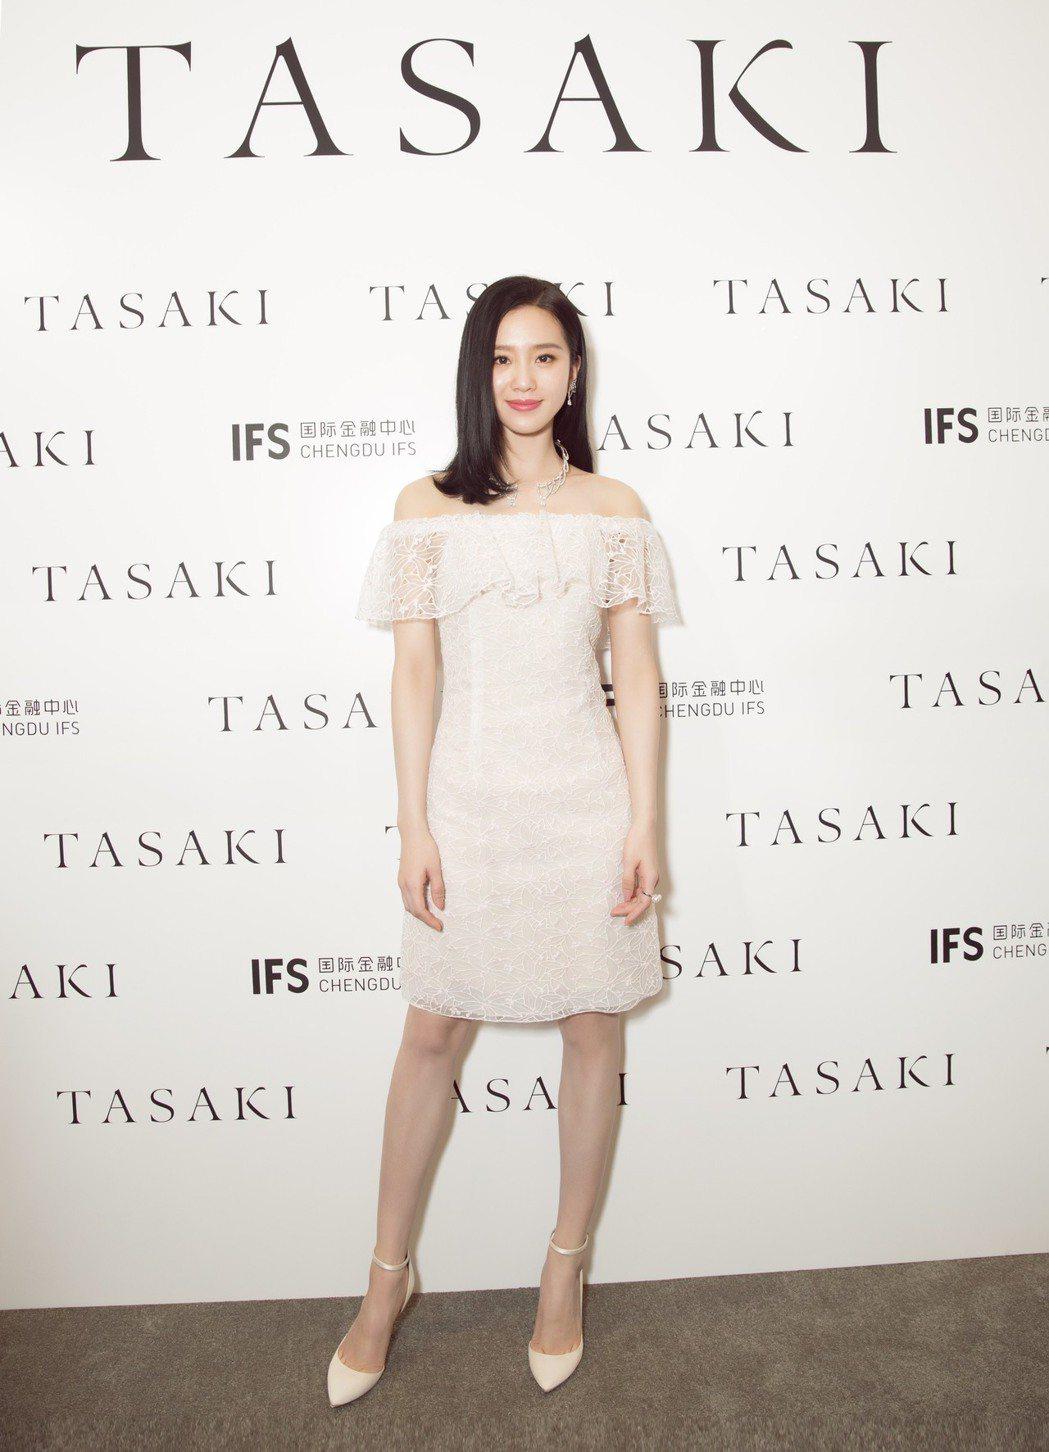 劉詩詩亮麗出席TASAKI成都國金精品店開幕。圖╱TASAKI提供